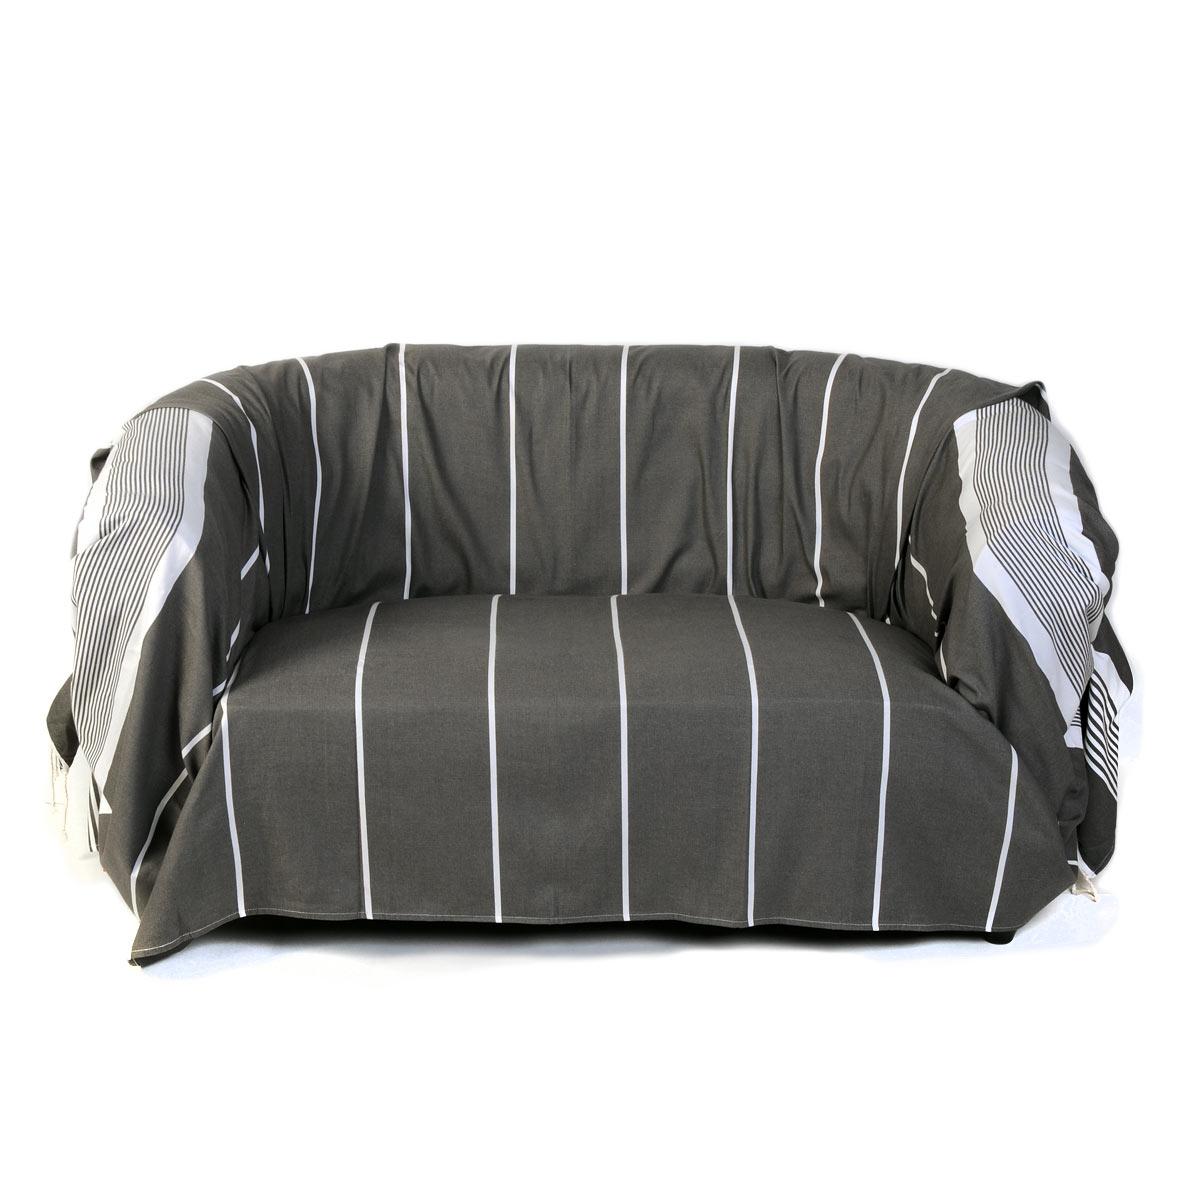 CARTHAGE - Jeté de canapé coton anthracite rayures blanches 200 x 300